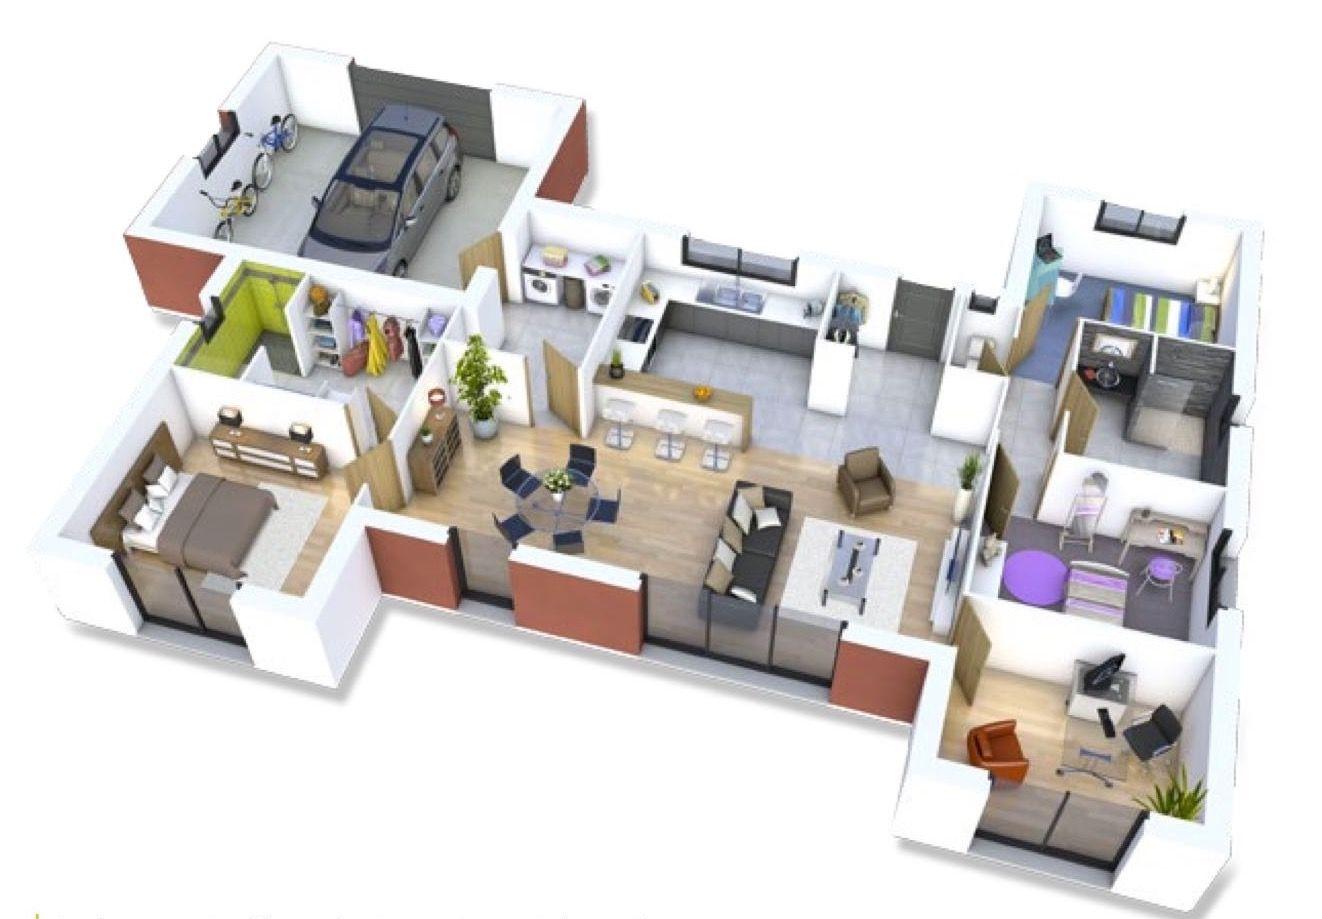 Pin by Karen Benane on plan maison | Pinterest | Small house plans ...